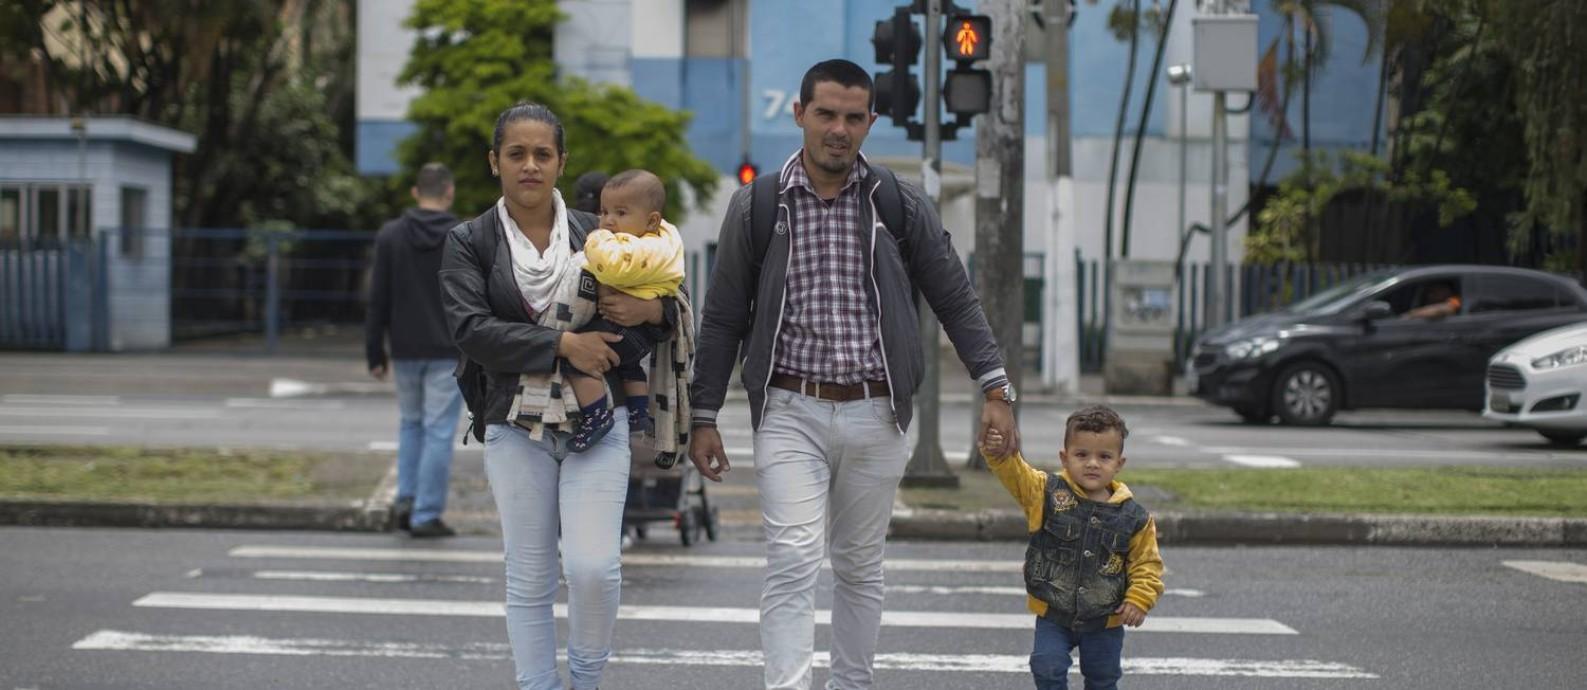 No ano passado, número de novas concessões caiu de 260 mil para 5,6 mil por mês Foto: Edilson Dantas / Agência O Globo